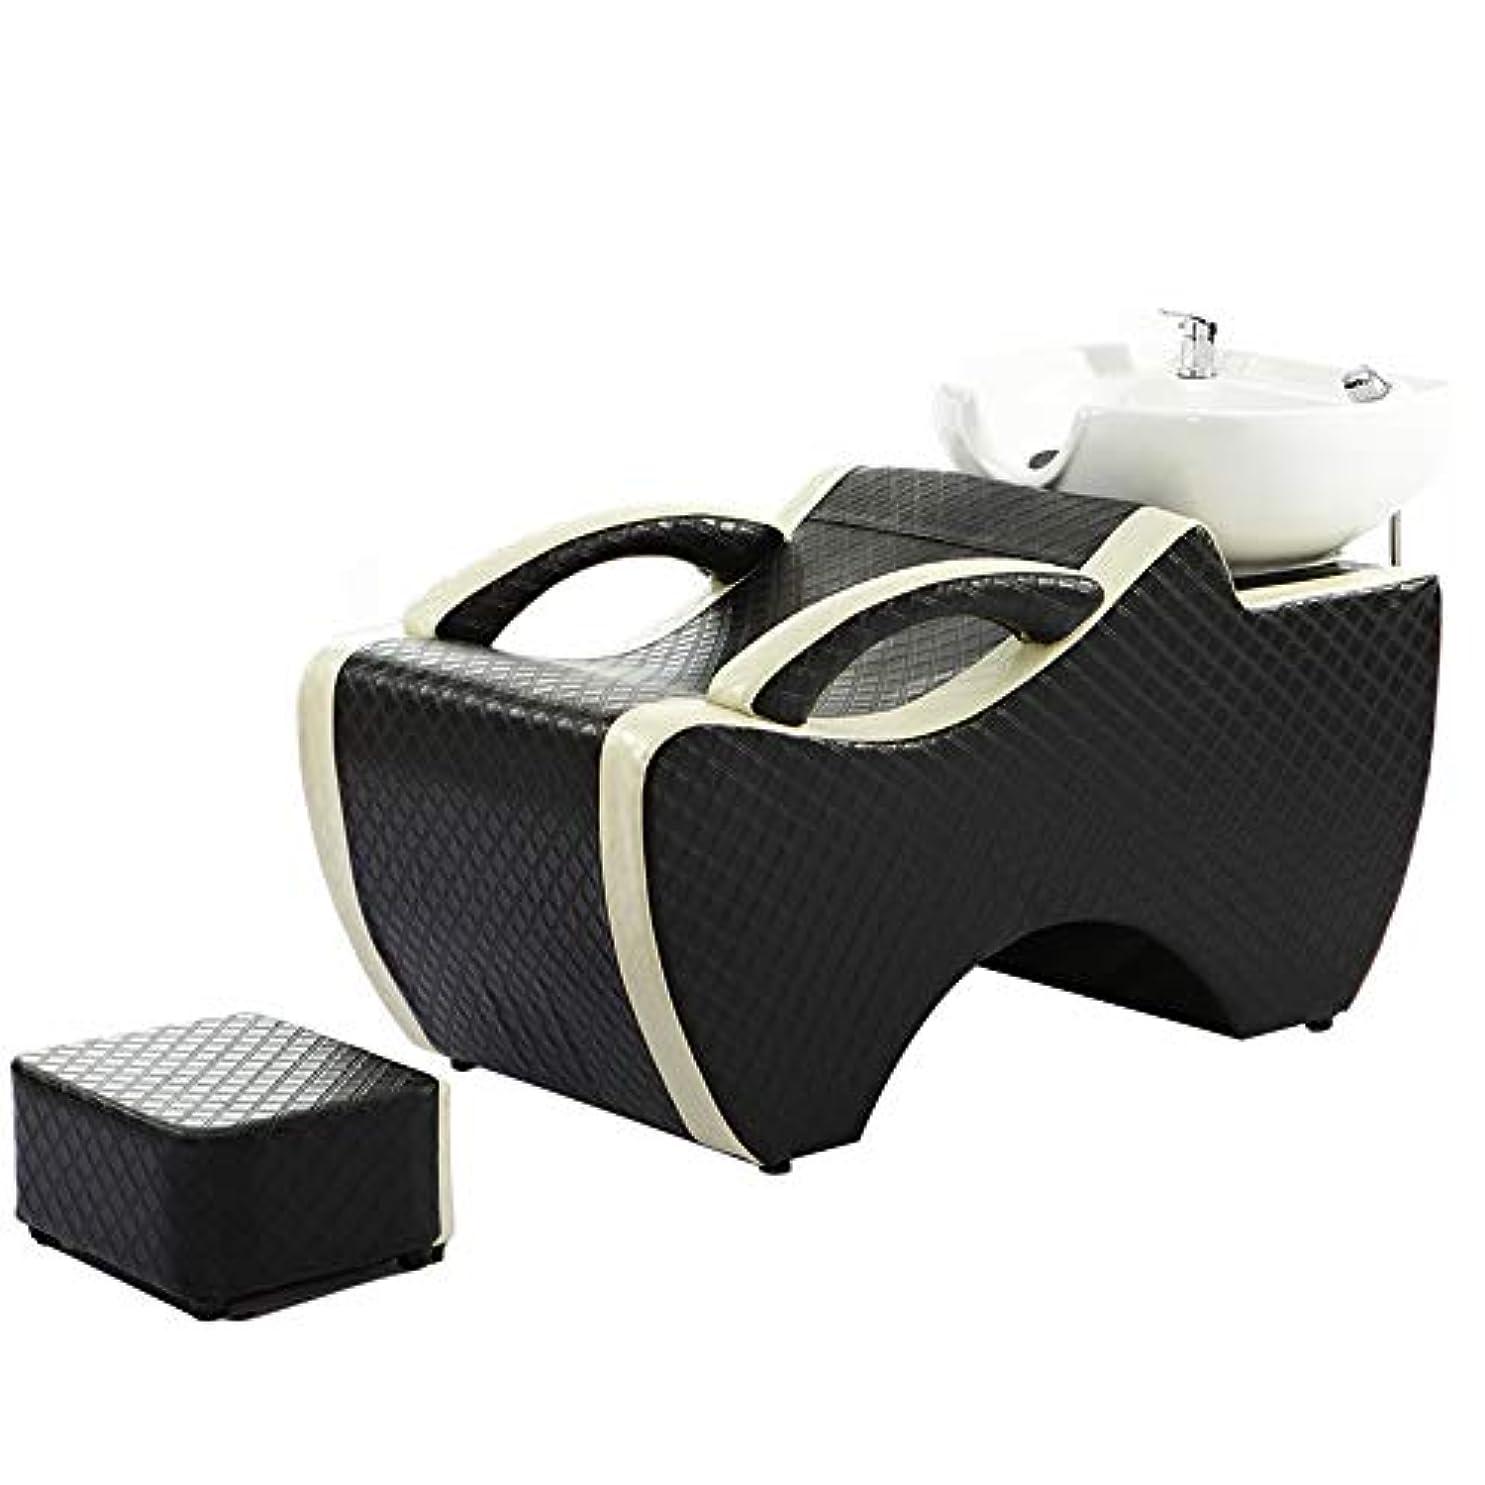 優先武器駐地シャンプー椅子、逆洗ユニットシャンプーボウル理髪シンク椅子用スパ美容院ベッドセラミック洗面台